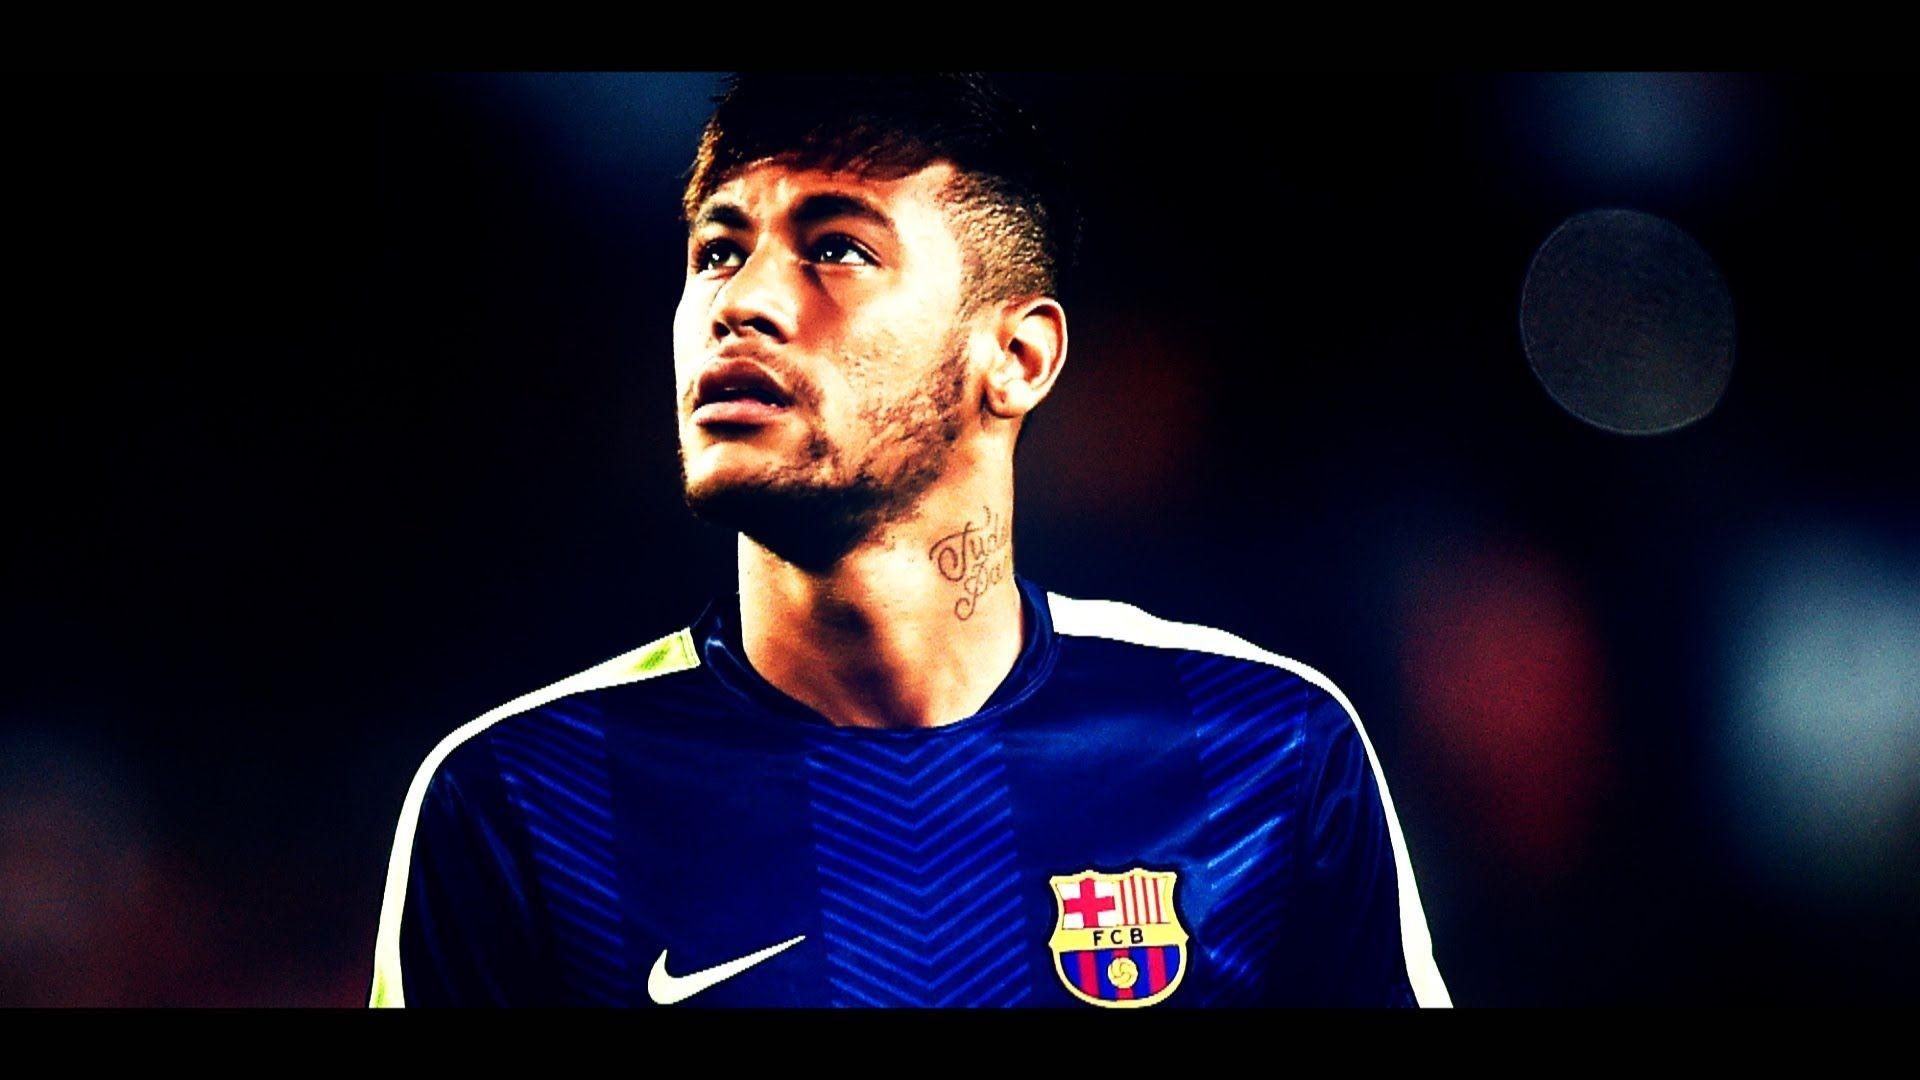 Hd wallpaper neymar – Neymar 2016 Wallpaper Hd 3 Download